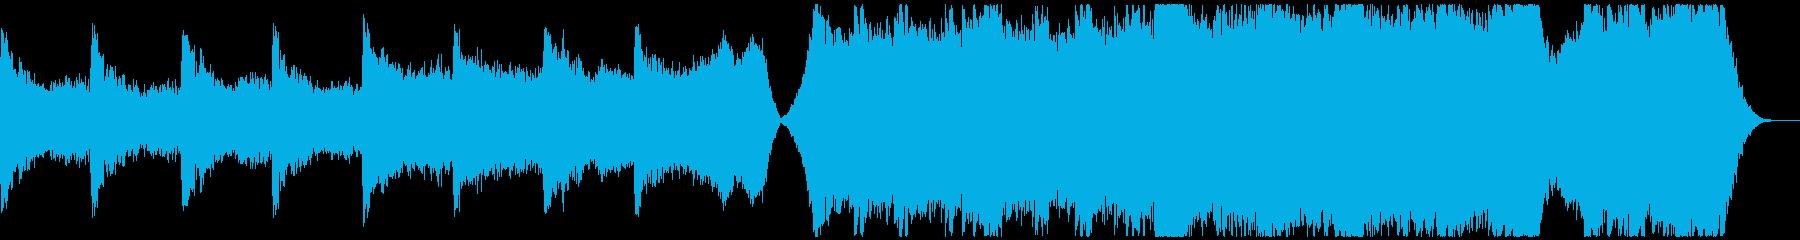 トレーラー・感動の再生済みの波形